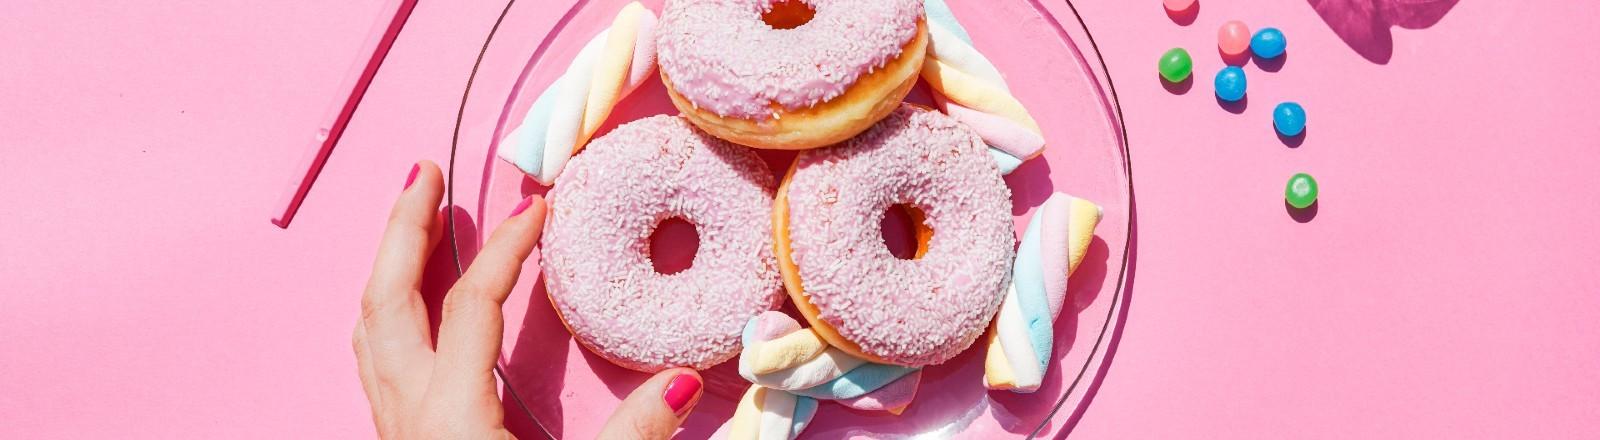 Ein Donut und weitere Süßigkeiten.